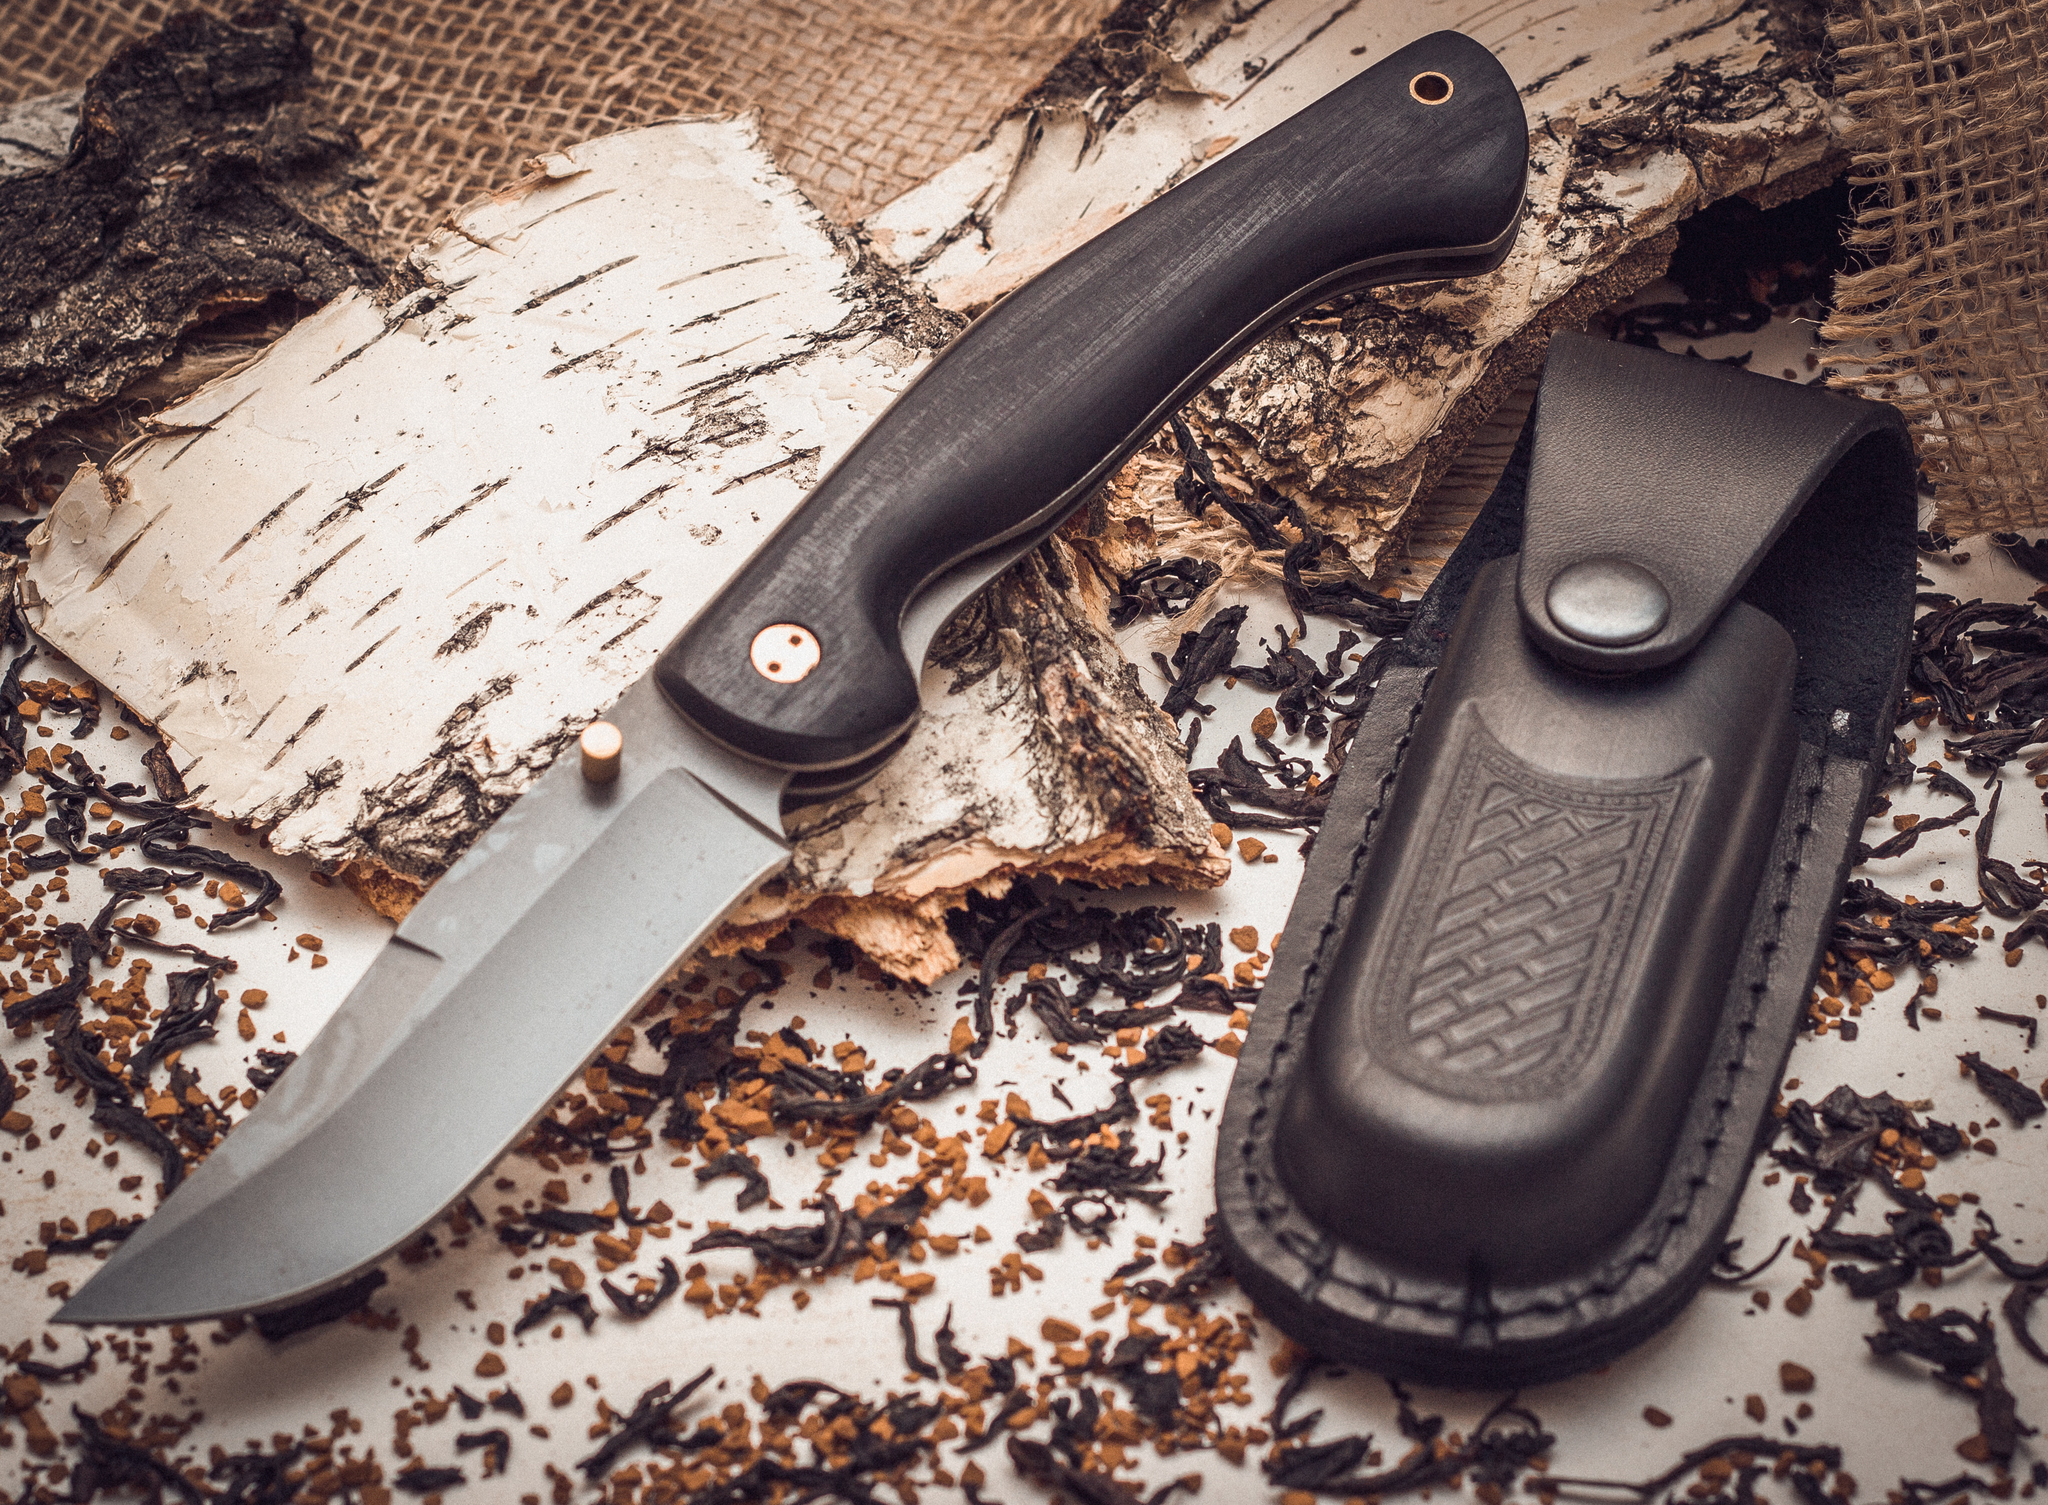 Фото 6 - Складной нож Азиат, сталь 95х18, граб от Марычев